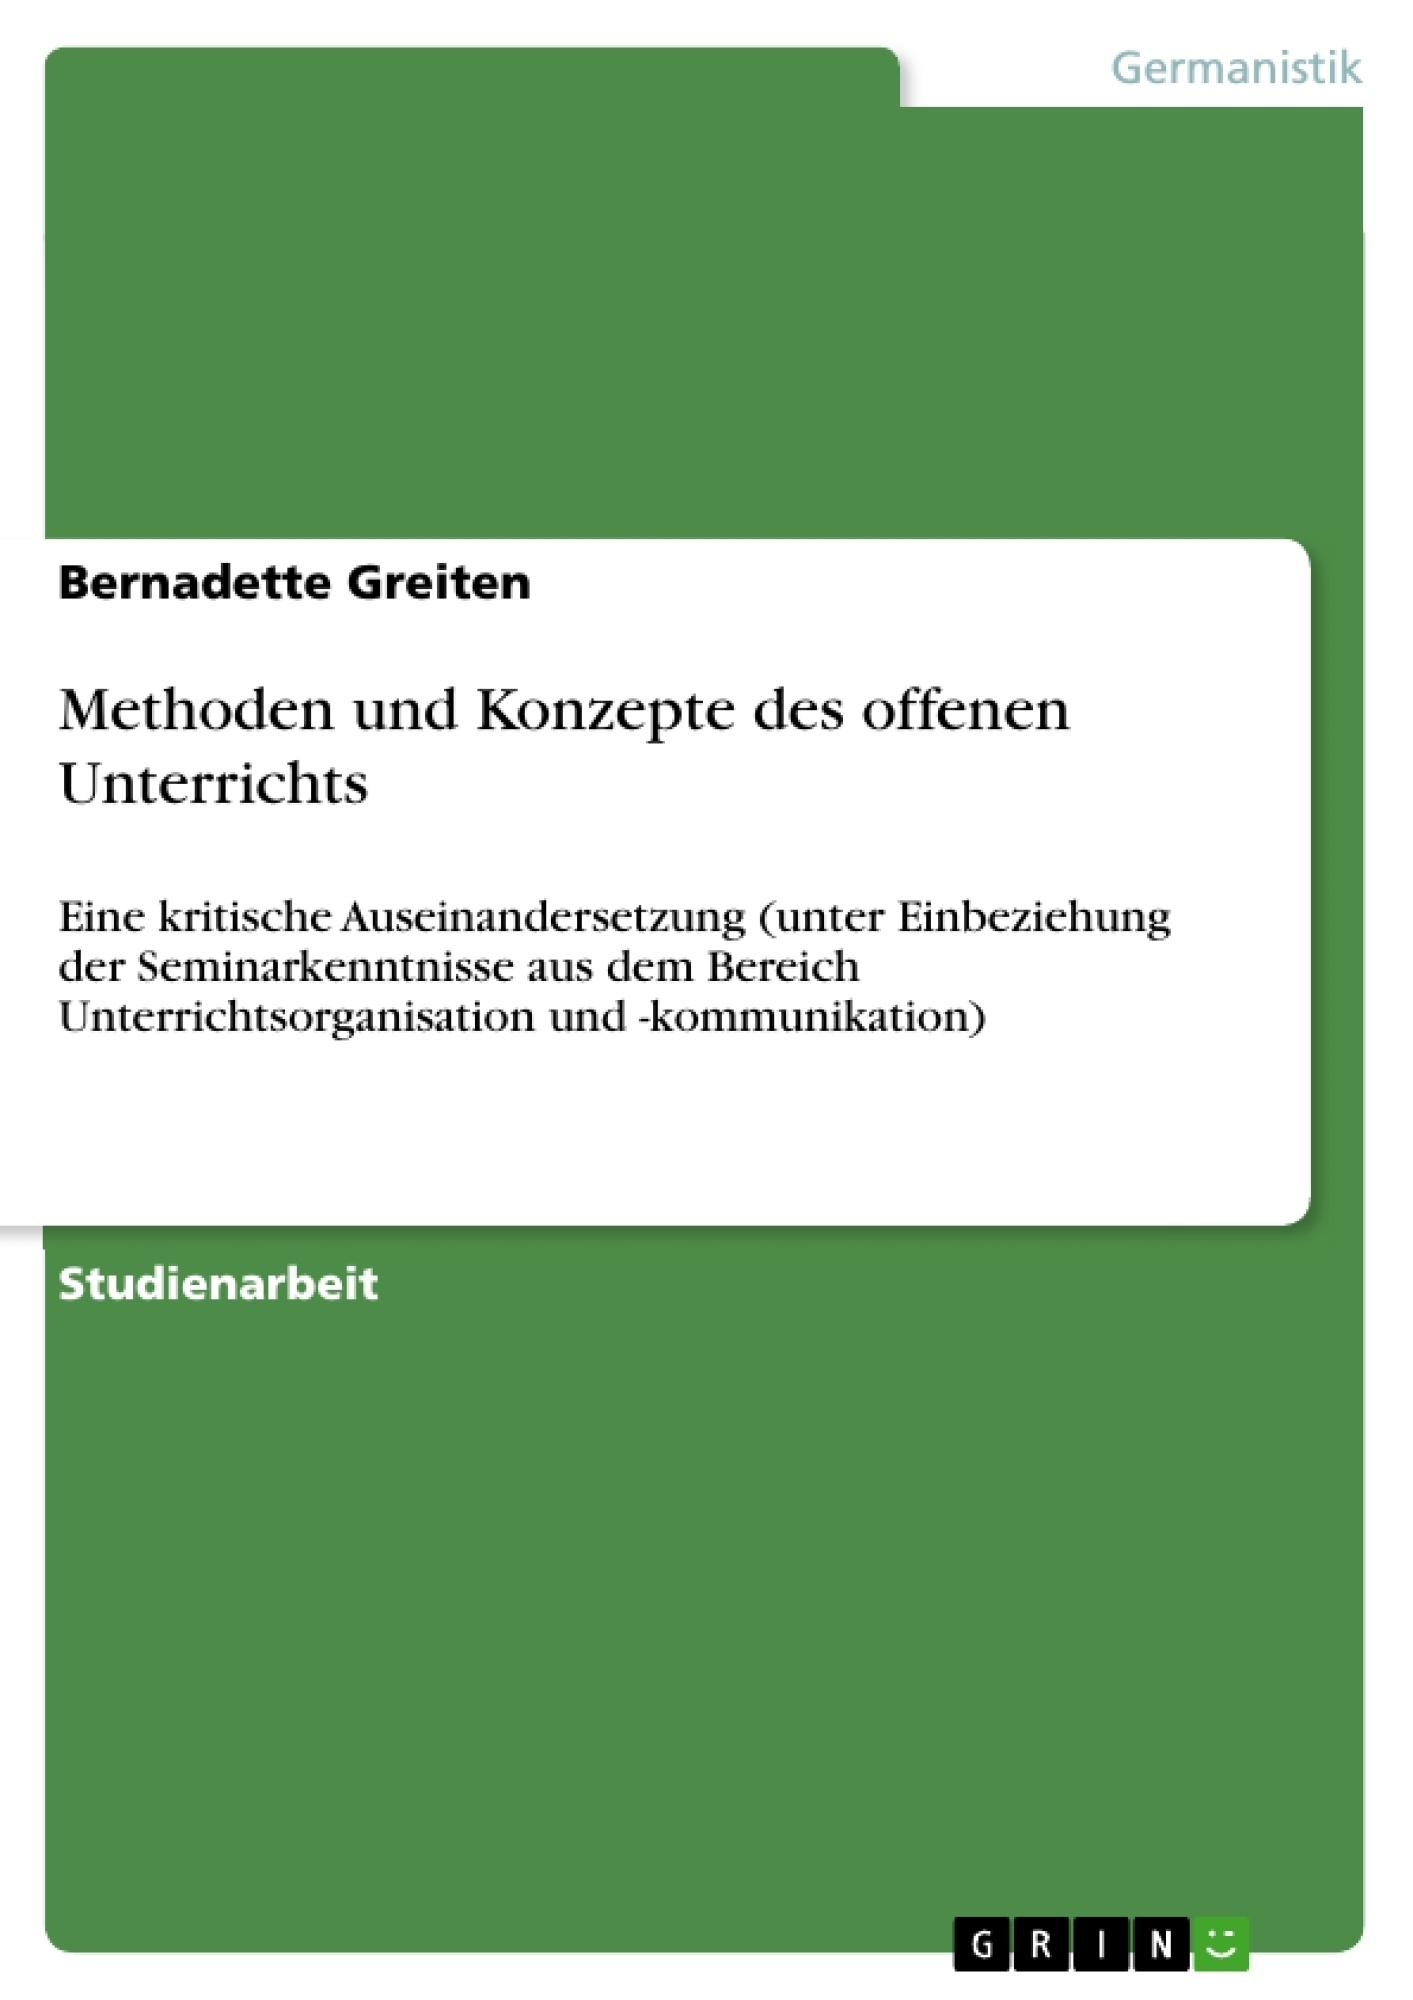 Titel: Methoden und Konzepte des offenen Unterrichts